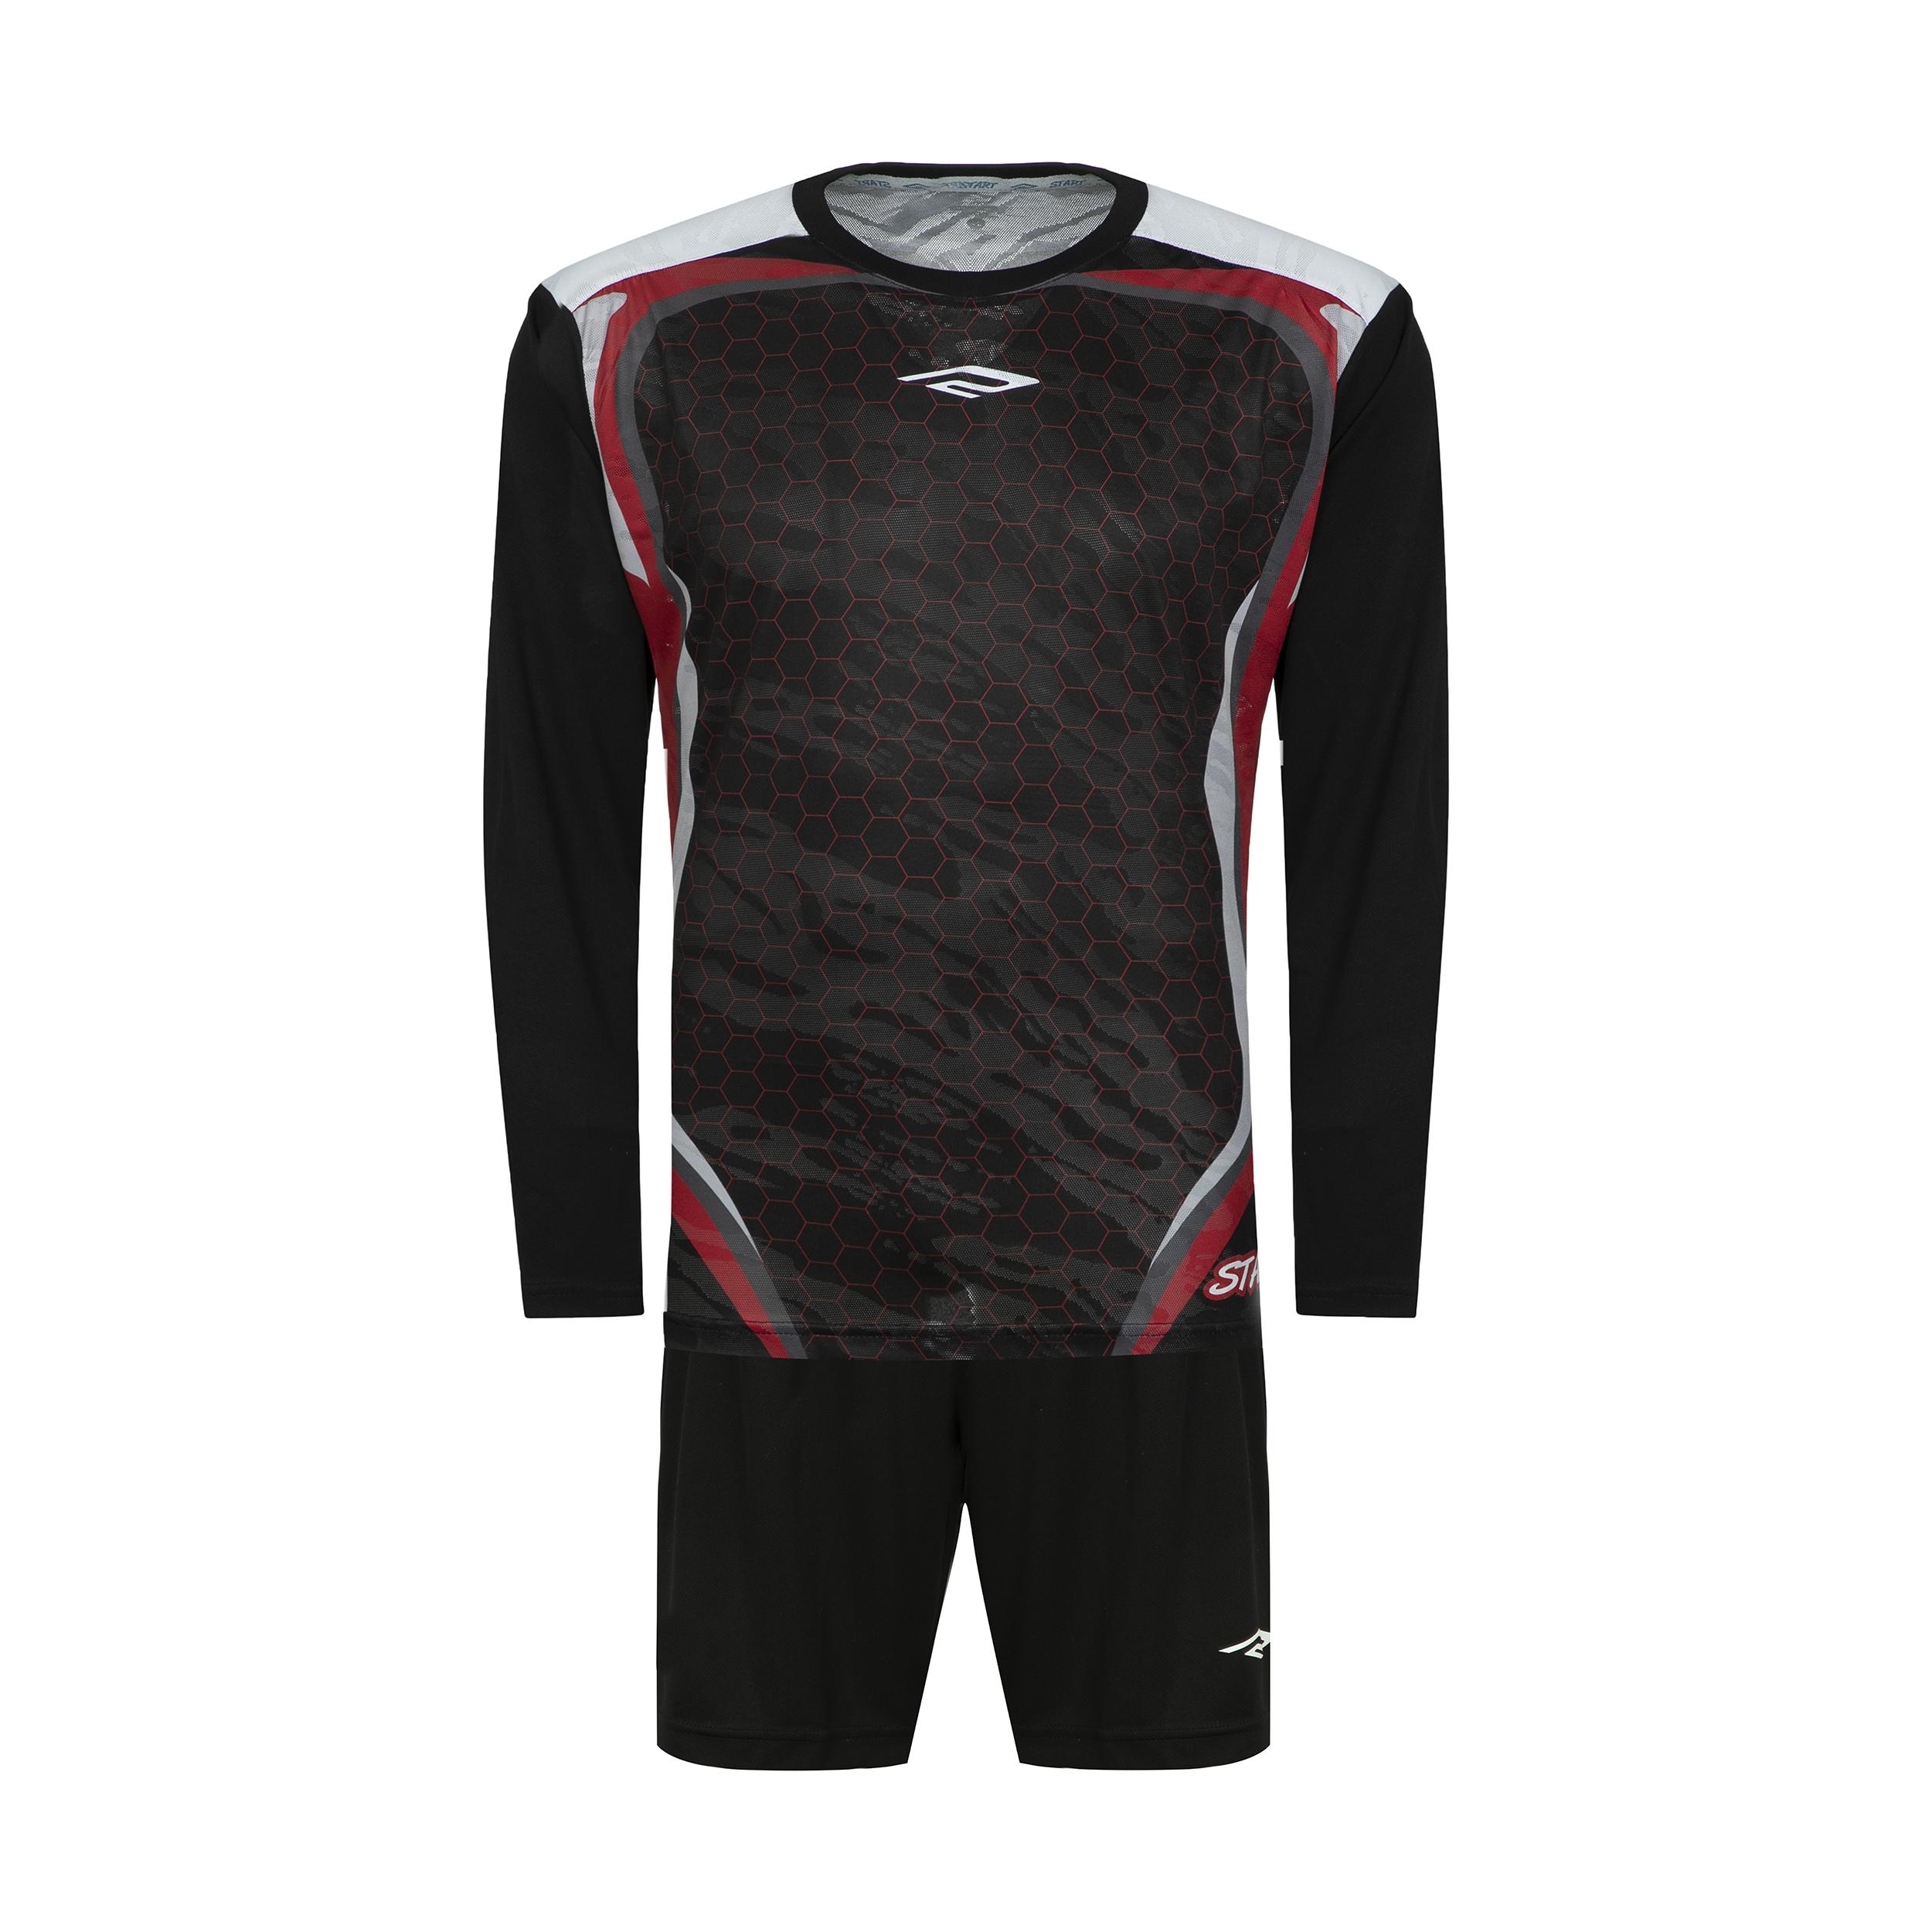 ست پیراهن و شورت ورزشی مردانه استارت مدل pg1001